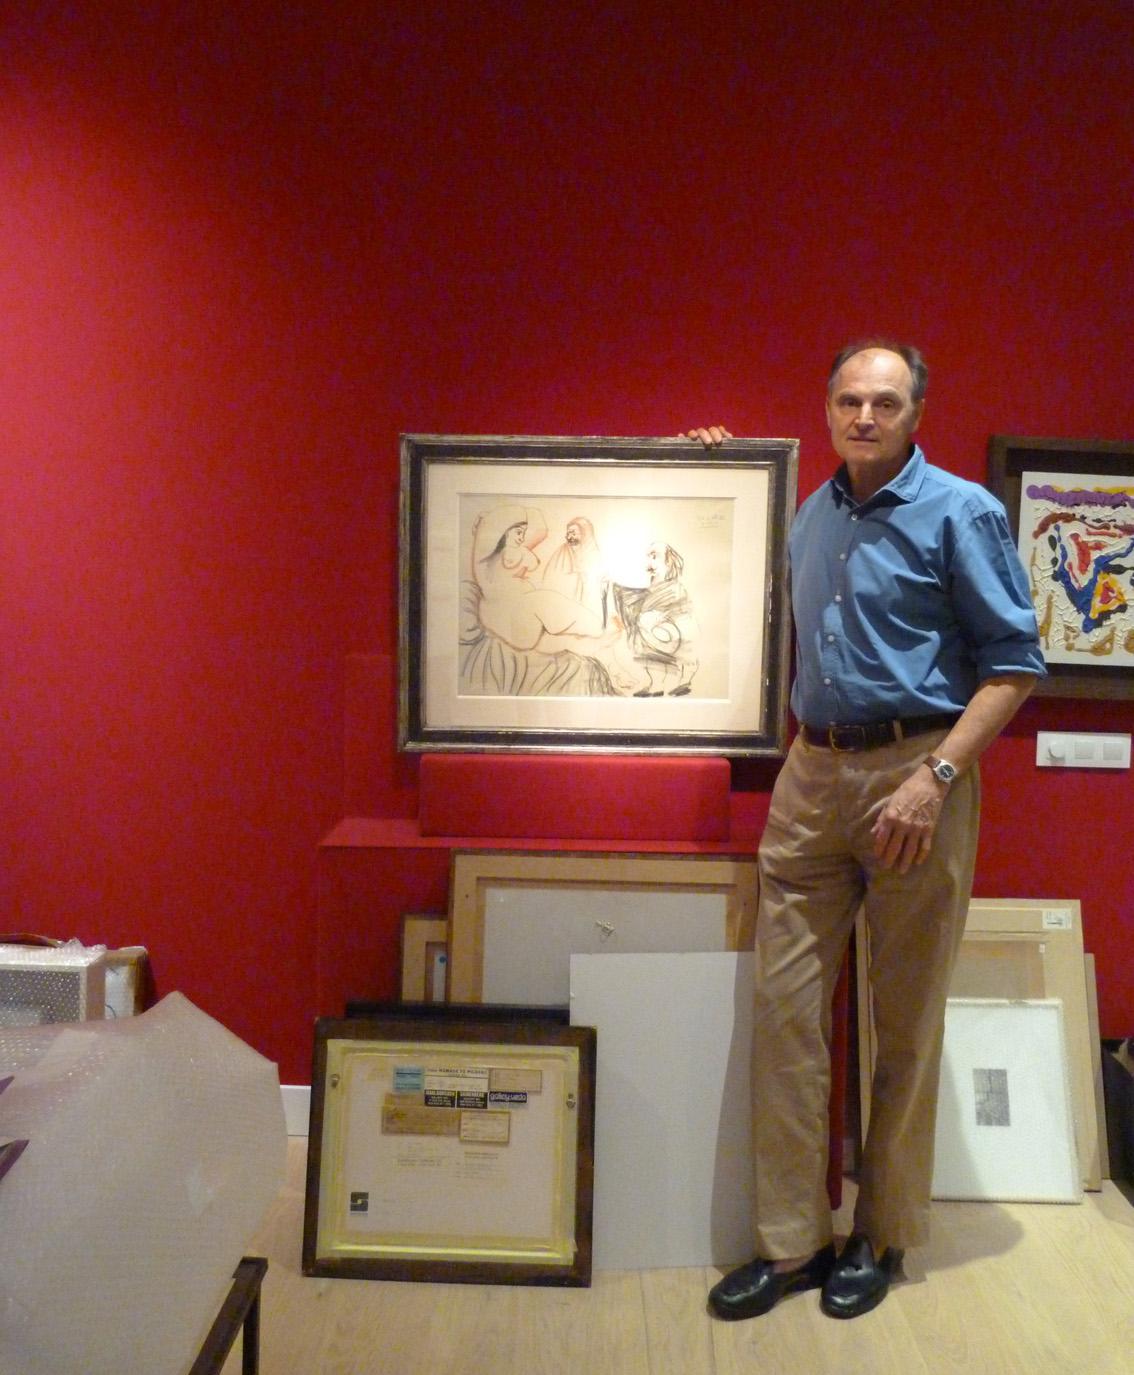 El galerista Guillermo de Osma junto a uno de los dibujos de Picasso que expondrá a partir del 10 de septiembre.